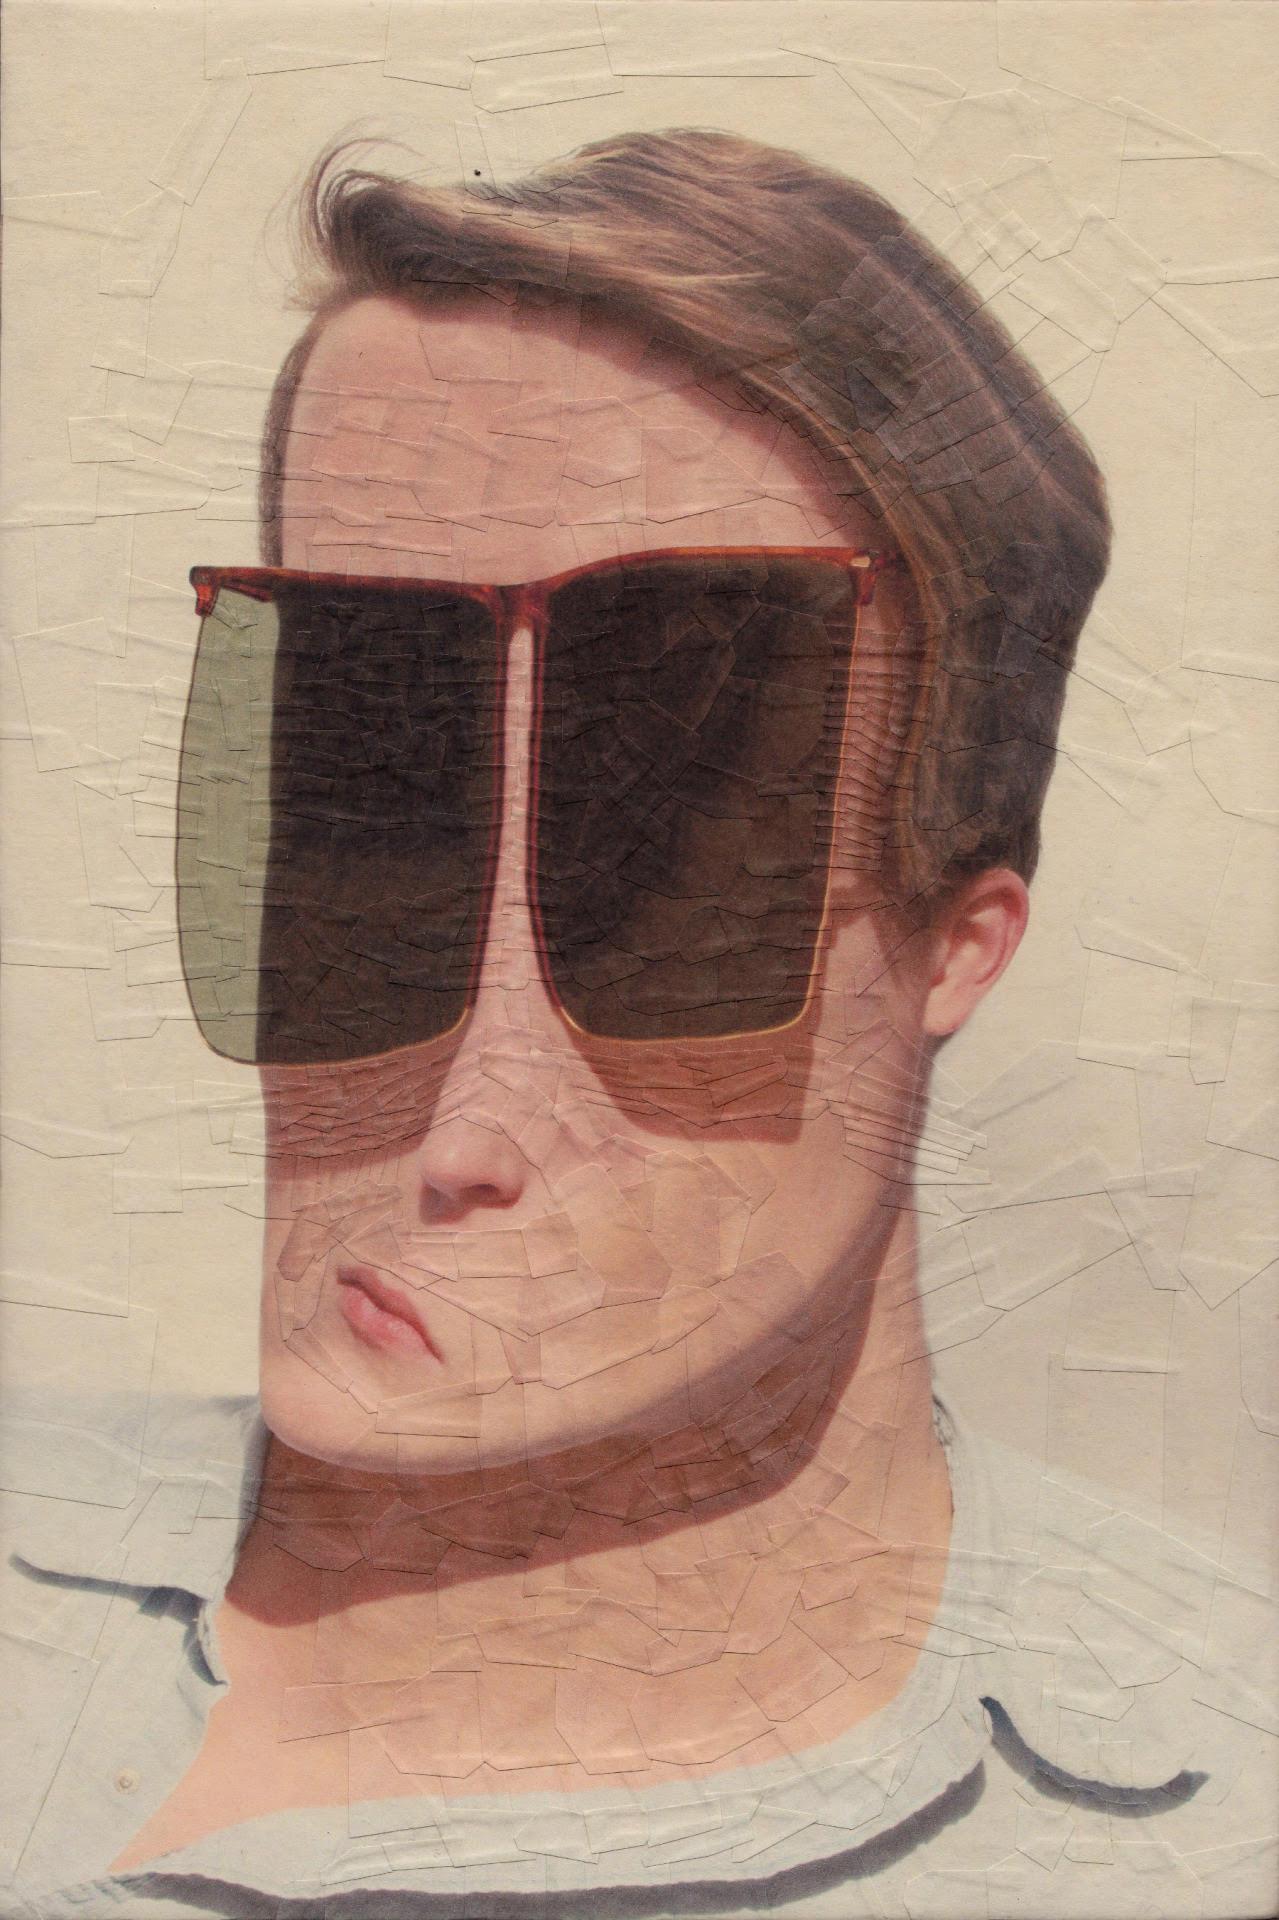 Gli incredibili volti deformati nei collage di Lola Dupre | Collater.al